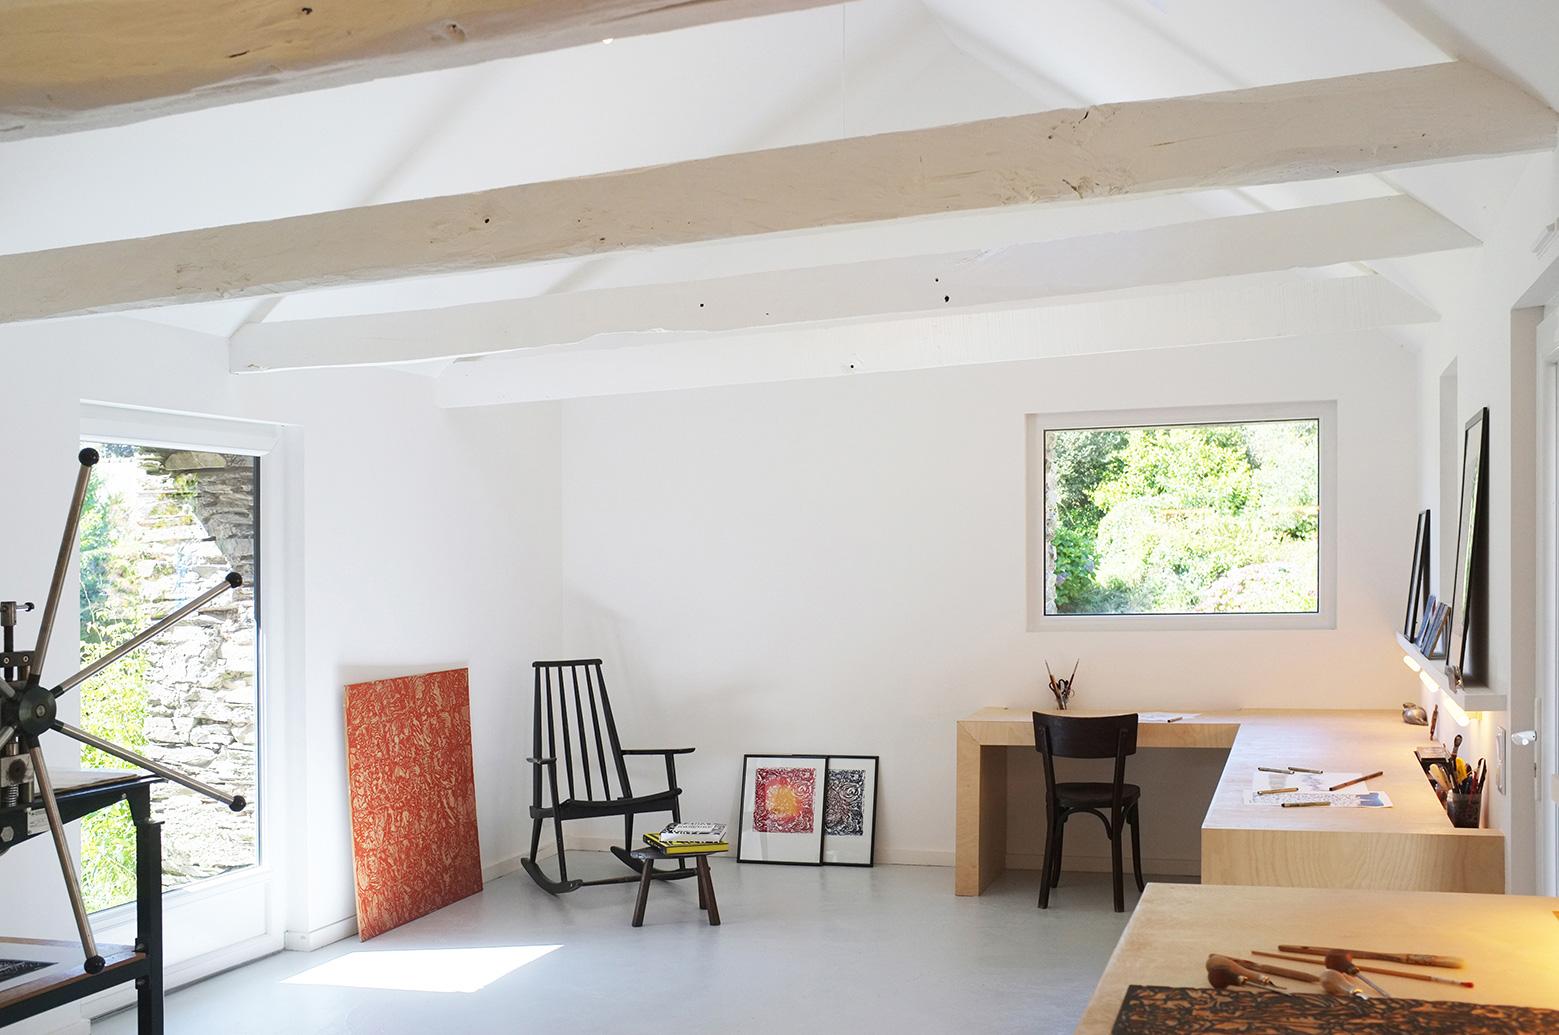 Atelier d'Artiste / Modal Architecture (15)